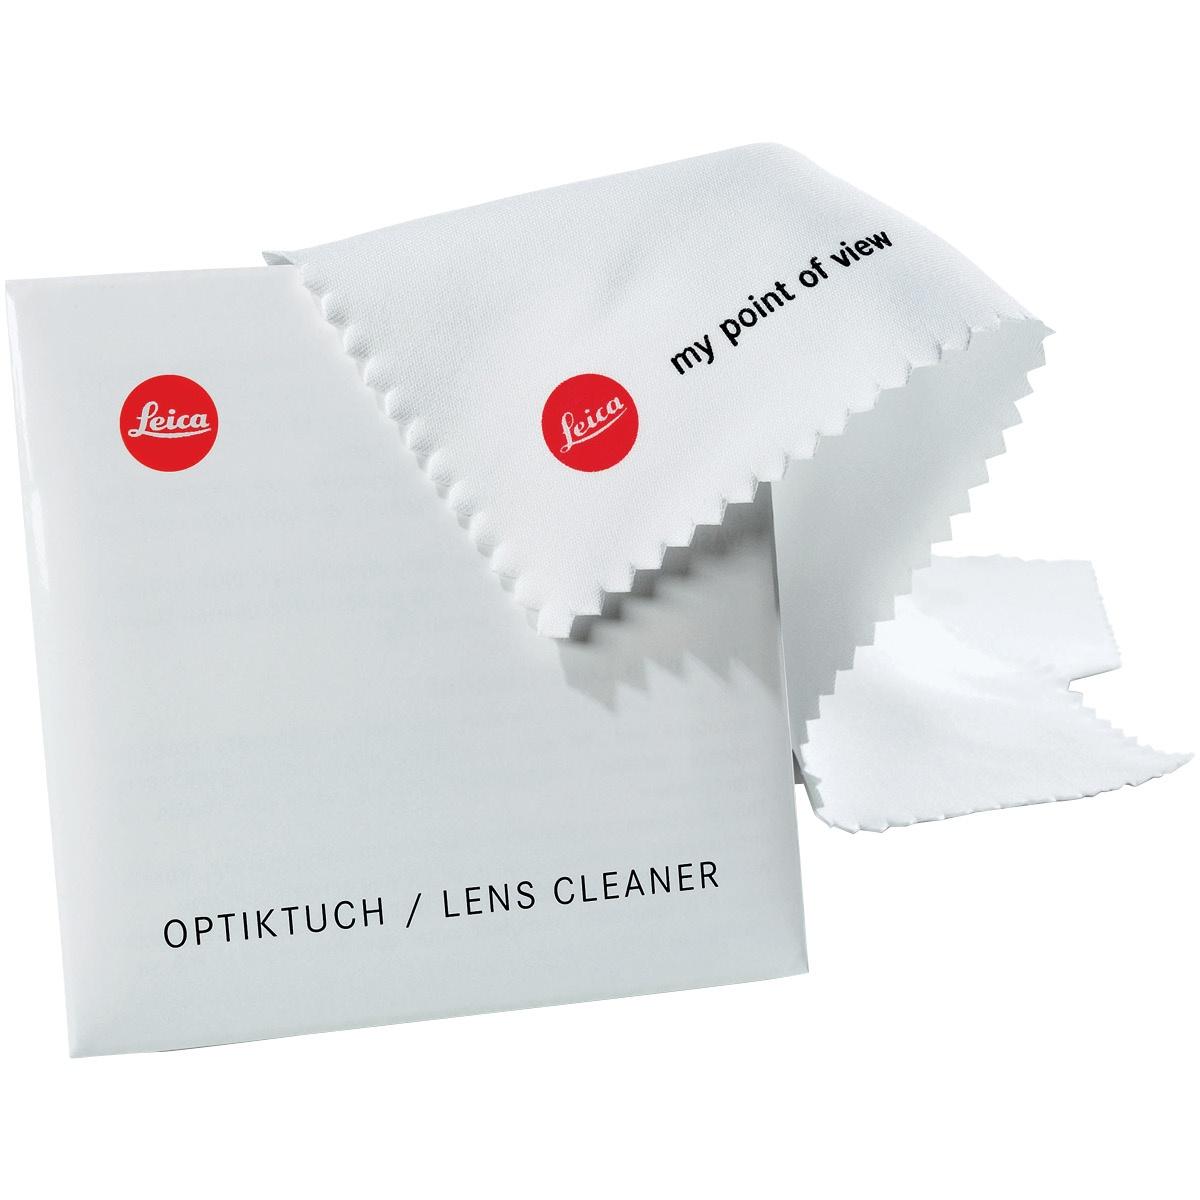 Leica Optiktuch